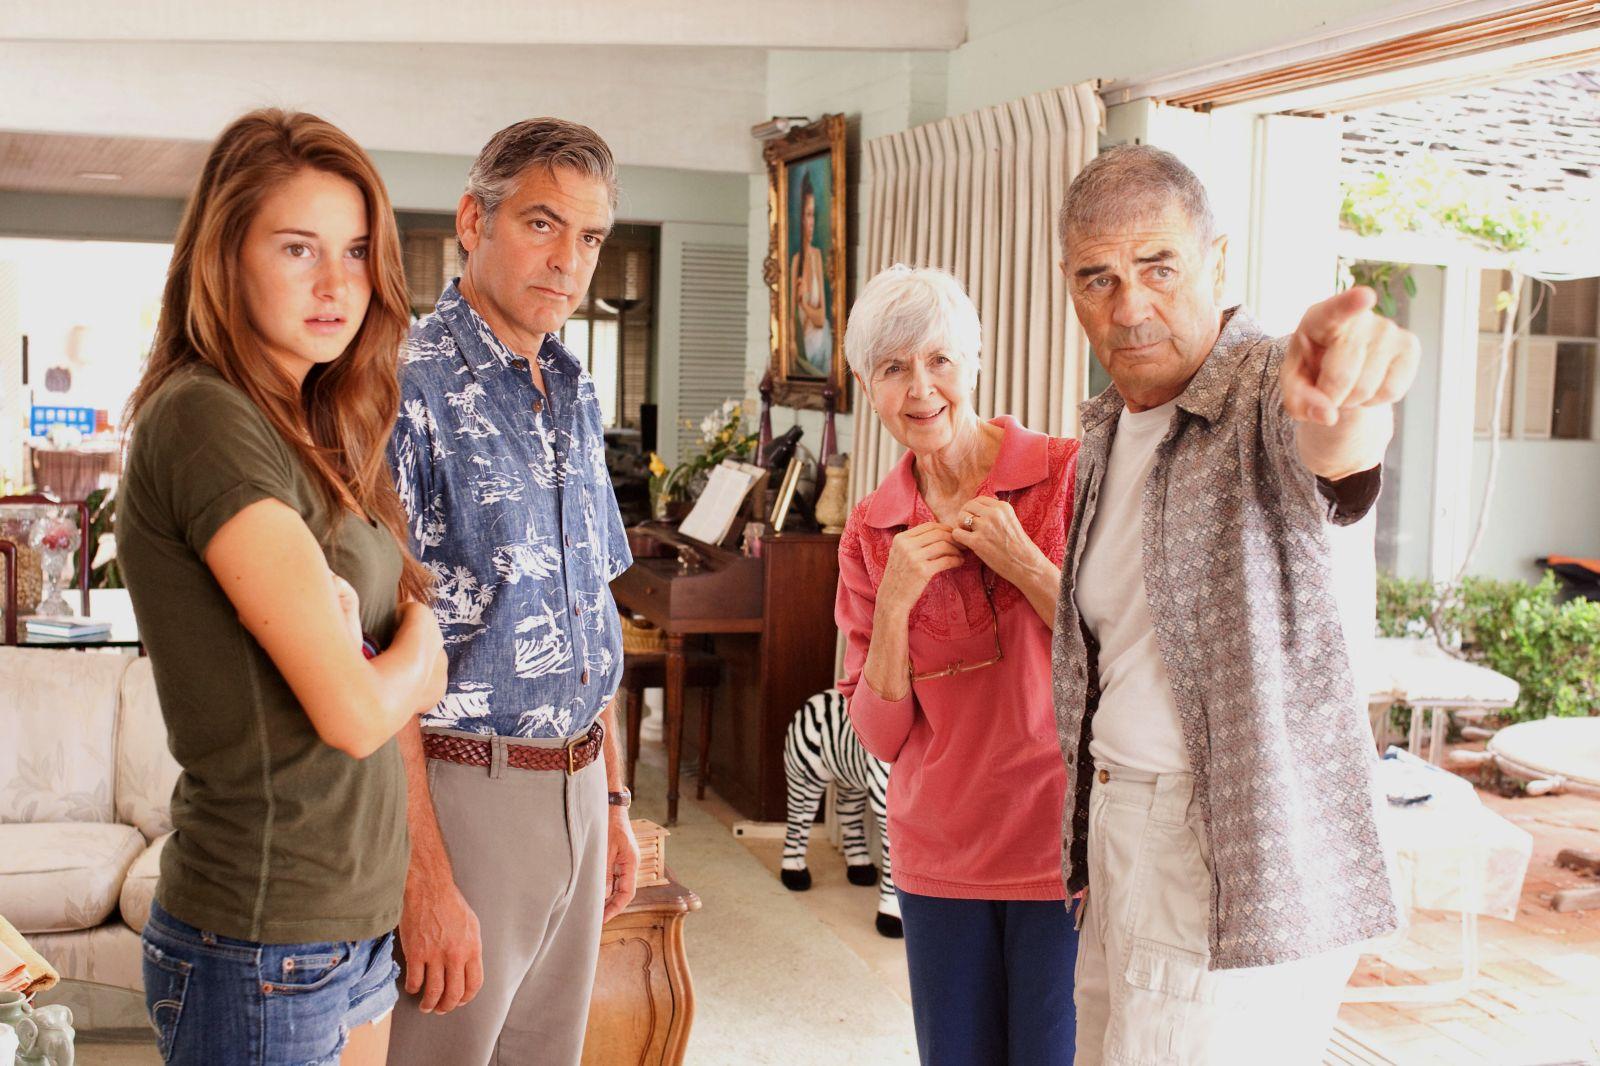 http://2.bp.blogspot.com/-wSskOy0z_l8/T0xtQ2qs5KI/AAAAAAAAFgM/LFiRRRK8ikE/s1600/TD-family.jpg